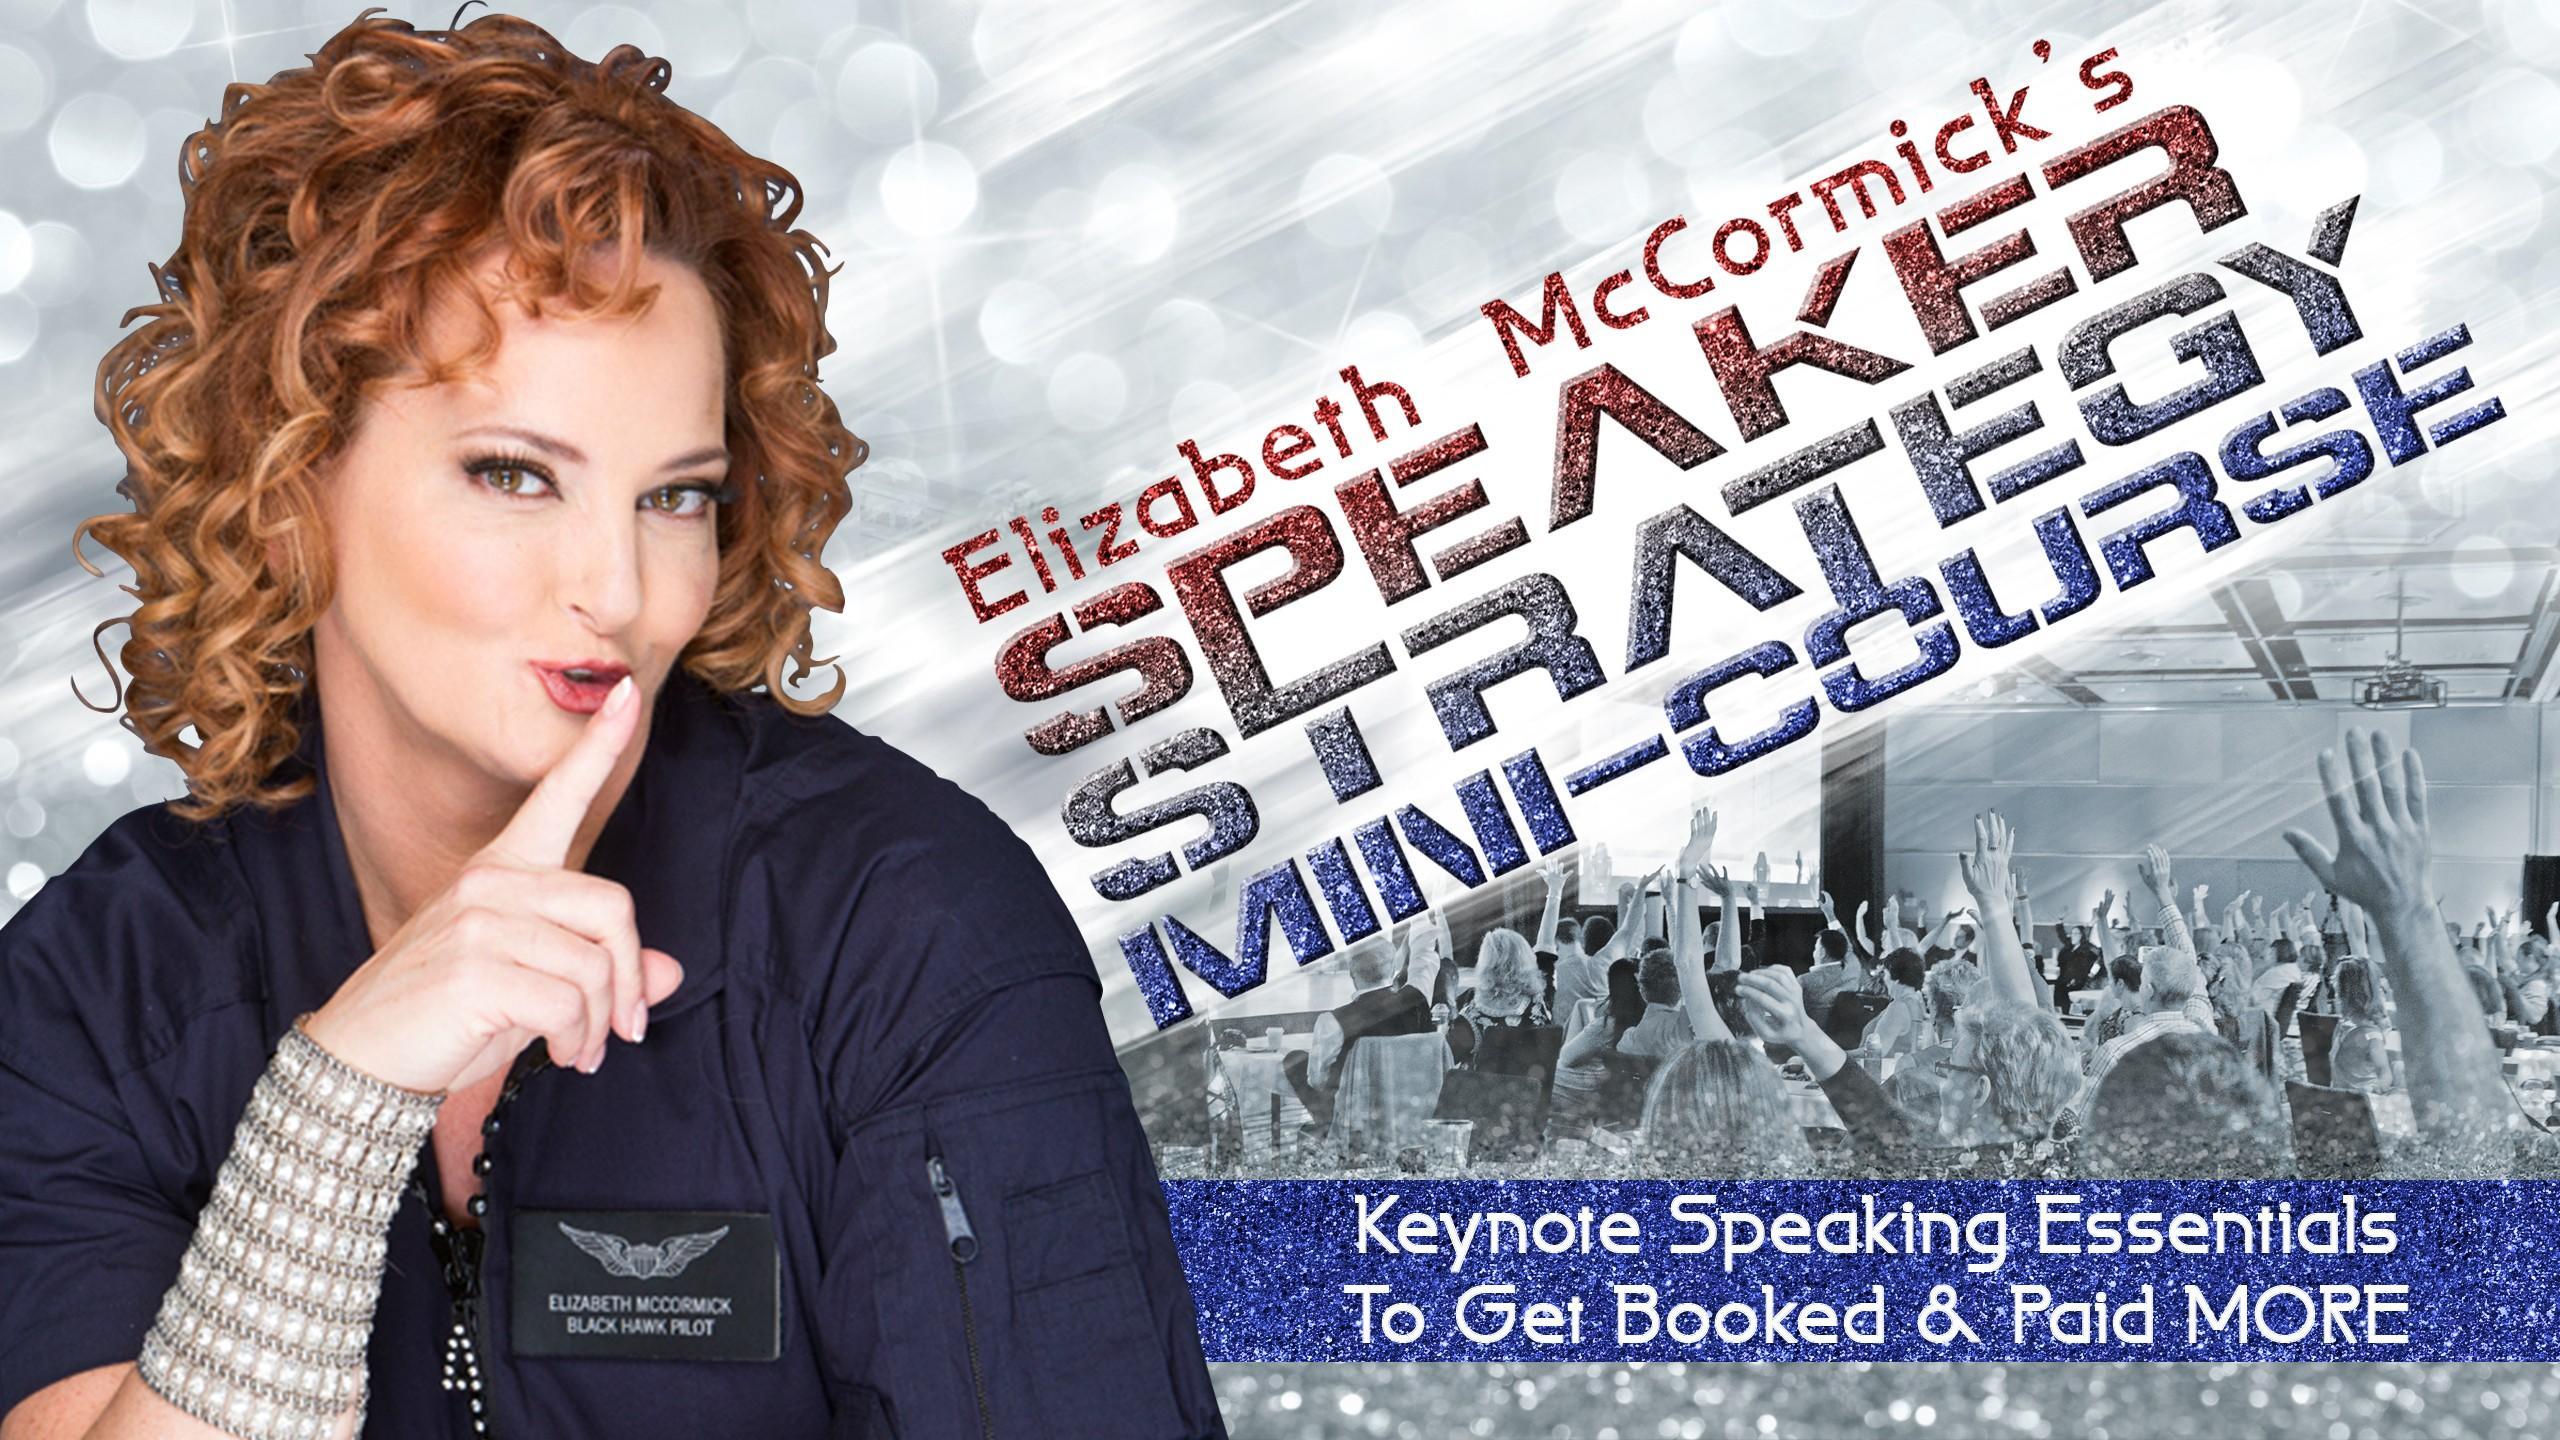 Learn to be a Keynote Speaker